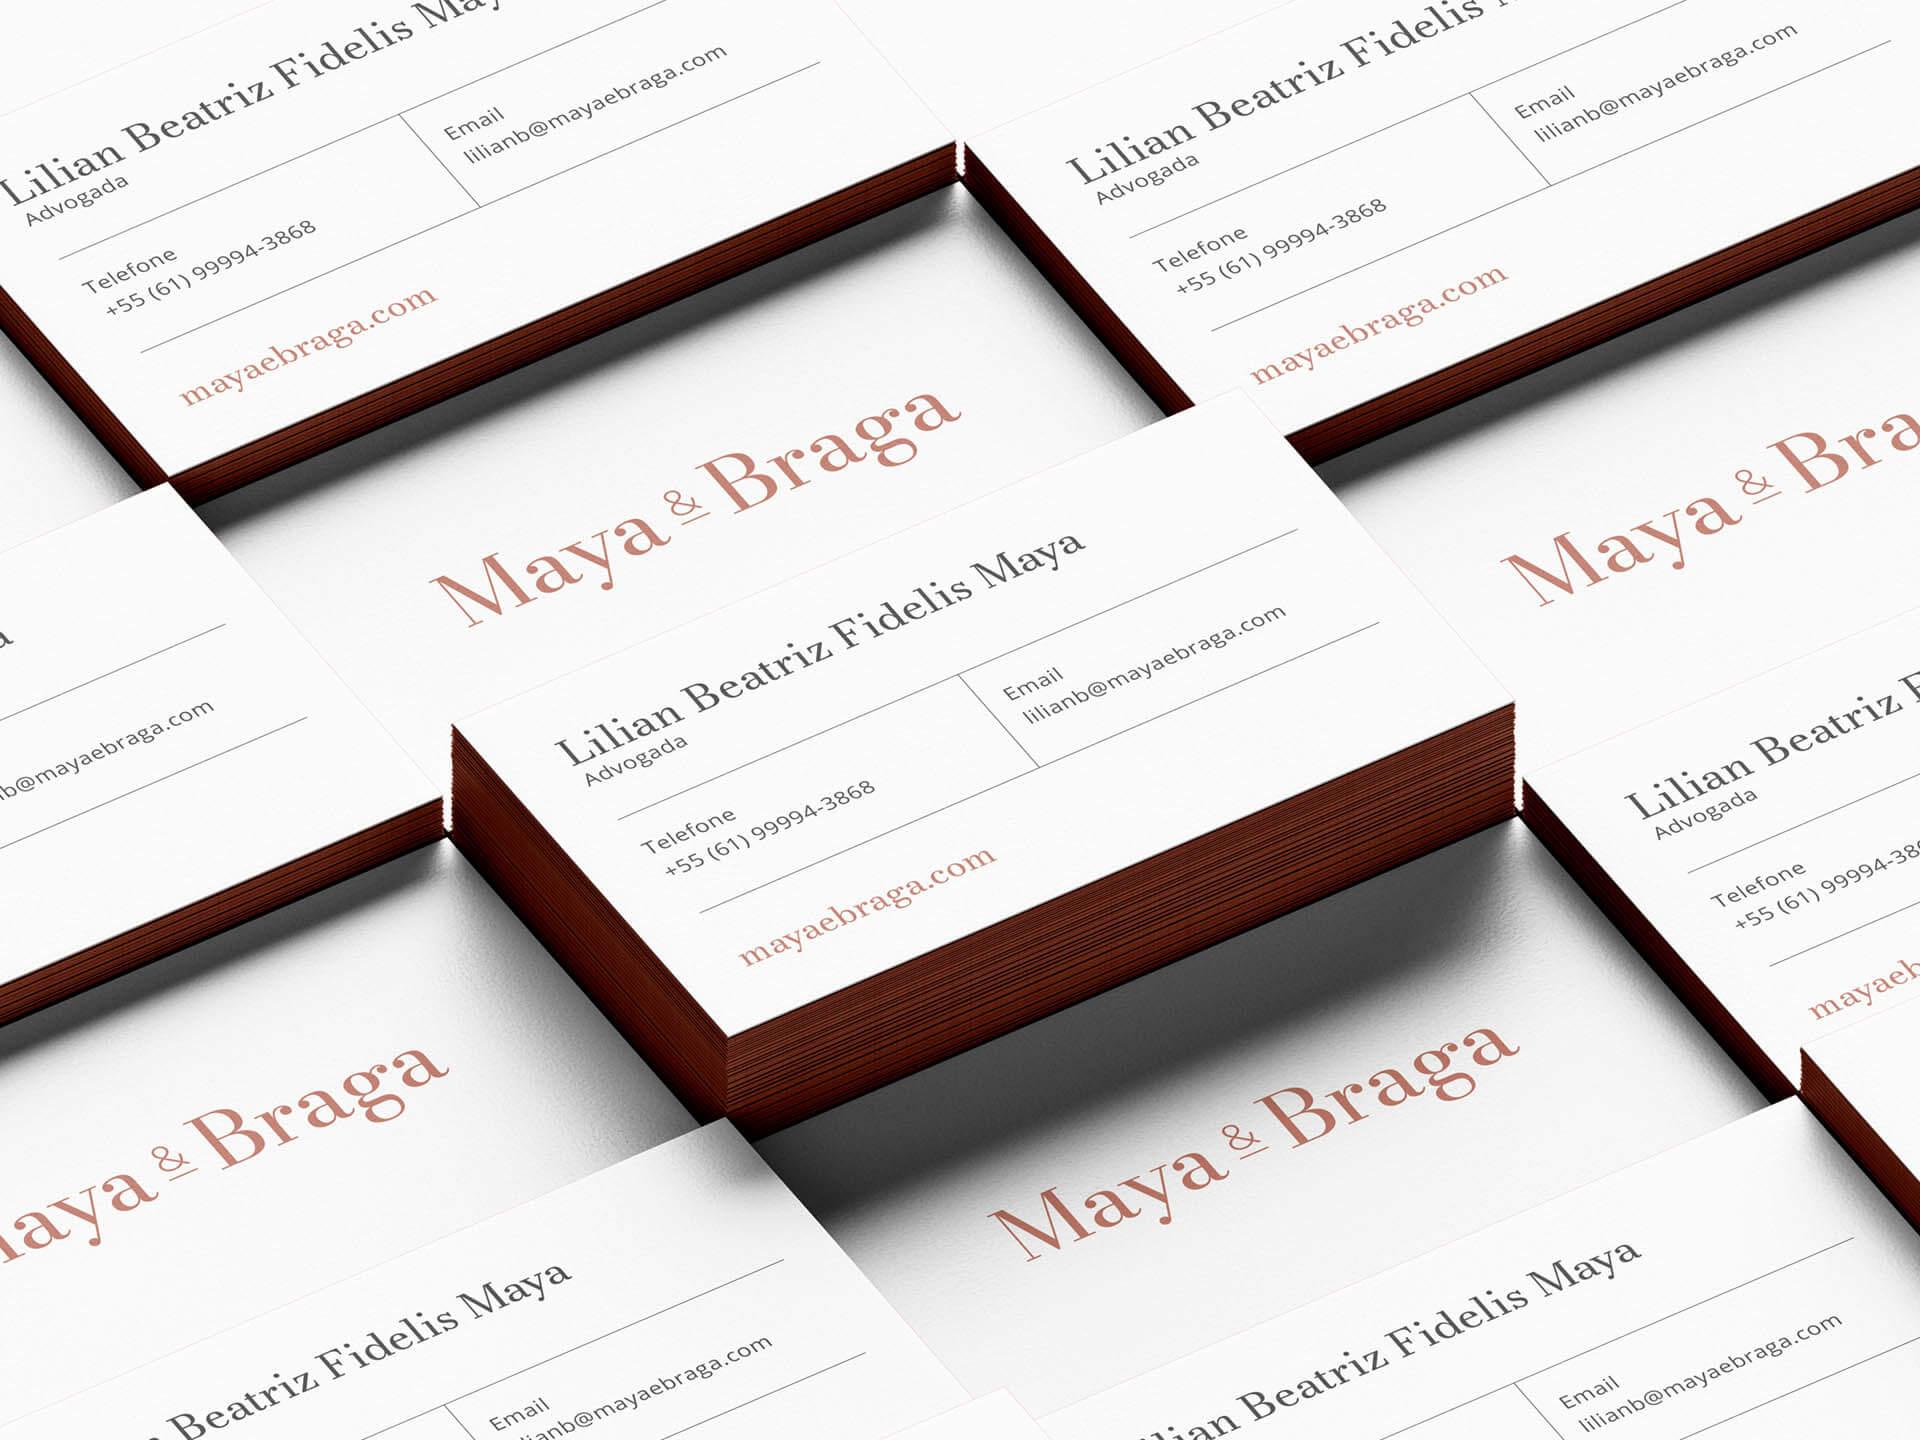 Maya e Braga's business cards